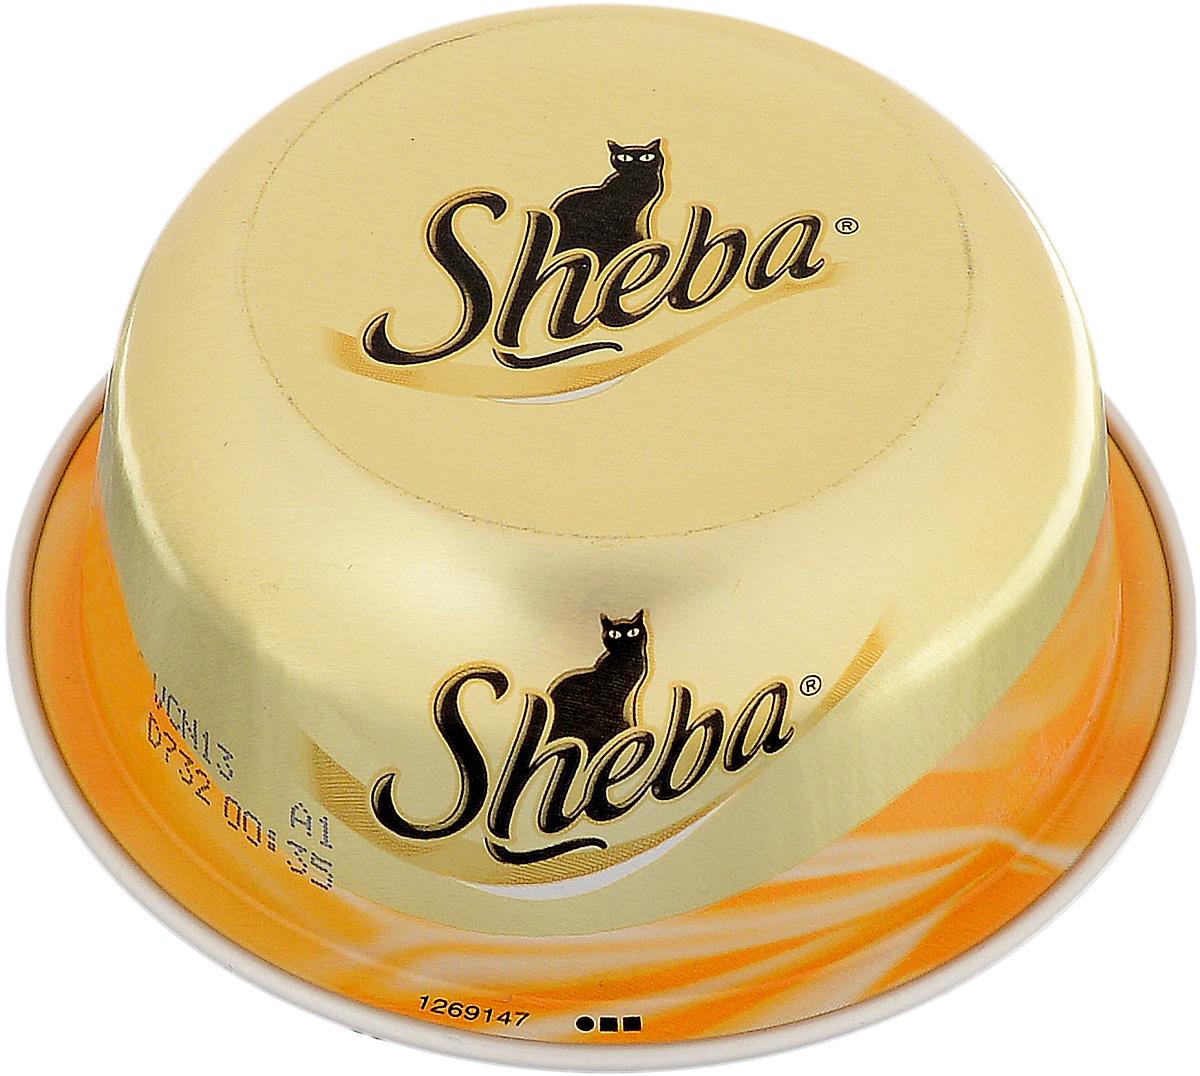 Консервы Sheba для взрослых кошек, с курицей и уткой, 80 г53865Консервы Sheba – мясной деликатес для взрослых кошек из сочного мяса курицы с уткой. Характерные особенности: - Уникальный формат упаковки, - Кошка получает необходимую ей порцию, - Натуральные ингредиенты, - Отсутствие консервантов, - Изысканные рецепт, - Деликатесные ингредиенты. Состав: куриные грудки (минимум 35%), утиные грудки (минимум 4%), крахмал тапиоки. Пищевая ценность (100 г): белки - 12 г, жиры - 0,5 г; зола - 1 г; клетчатка - 0,1 г; влага - 85 г. Энергетическая ценность (100 г): 60 ккал. Товар сертифицирован.